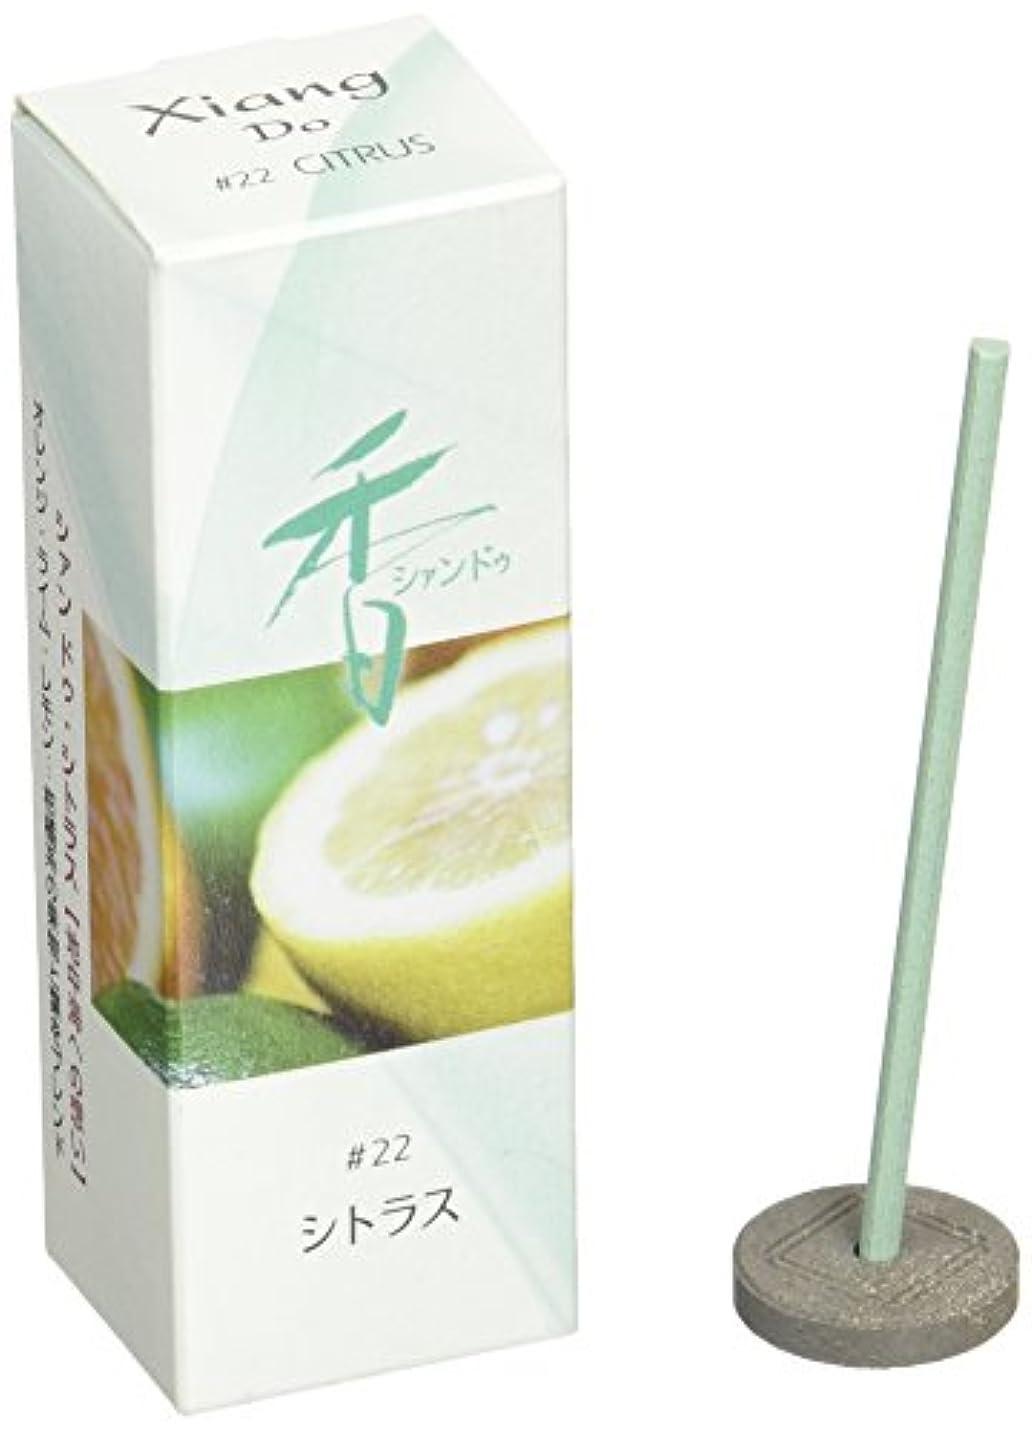 ナインへ鉄反応する松栄堂のお香 Xiang Do(シャンドゥ) シトラス ST20本入 簡易香立付 #214222